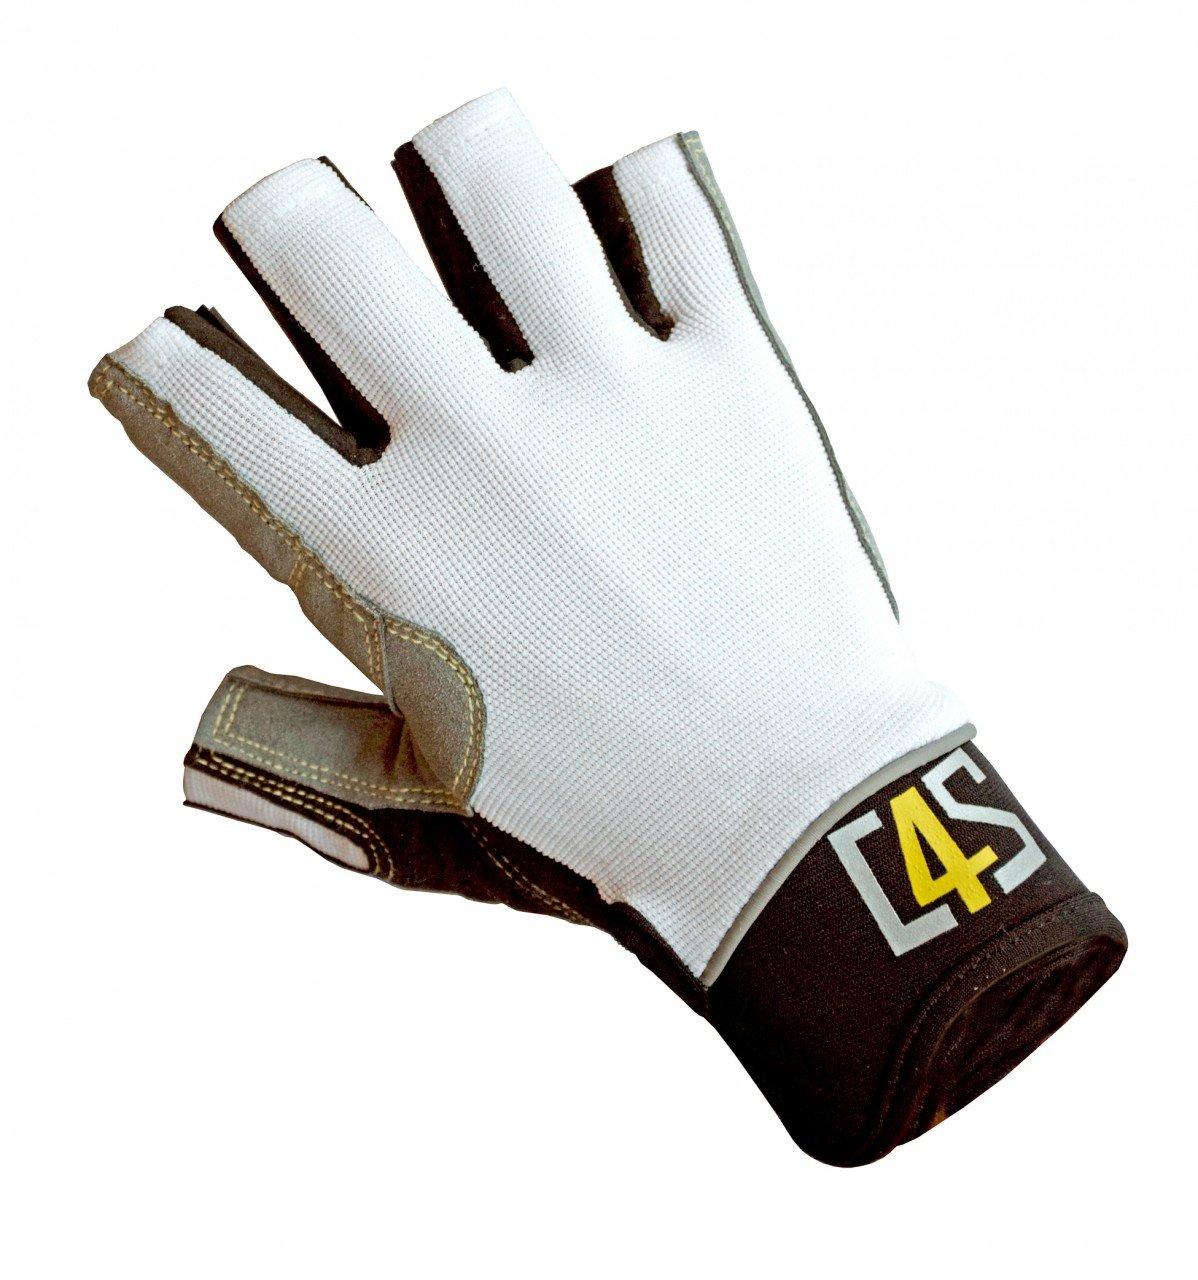 crazy4sailing Damen Herren Segelhandschuhe Racing - 5 Finger-frei c4s